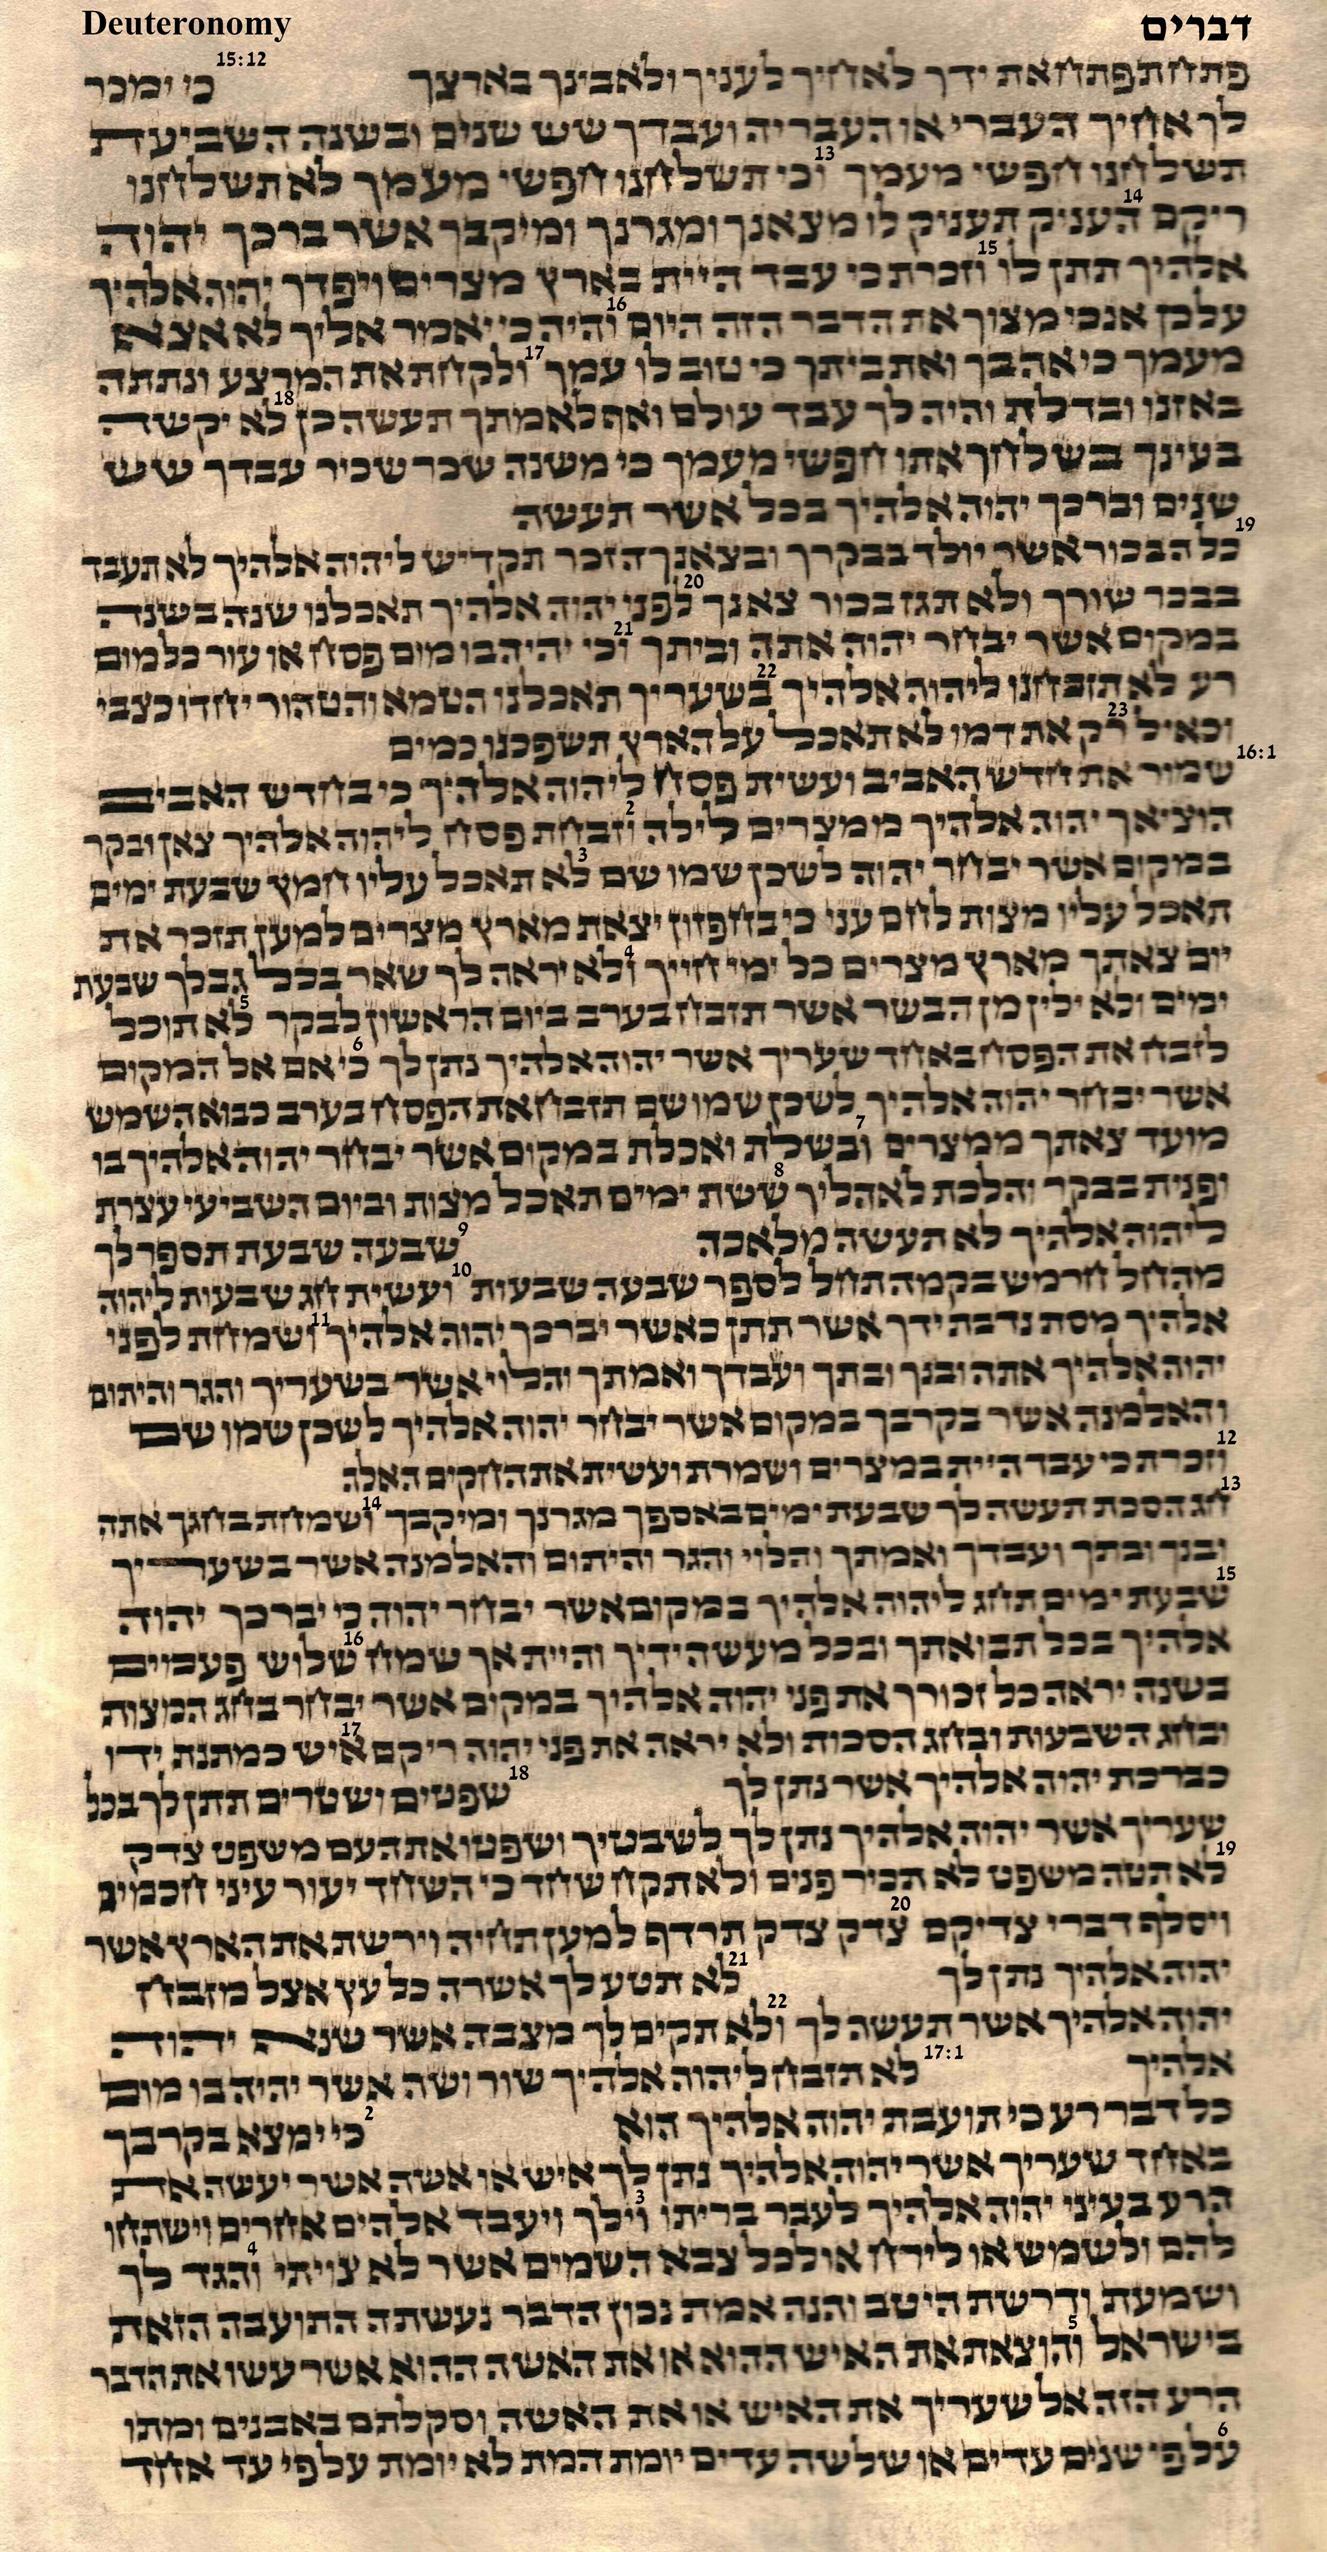 Deuteronomy 15.12 - 17.6